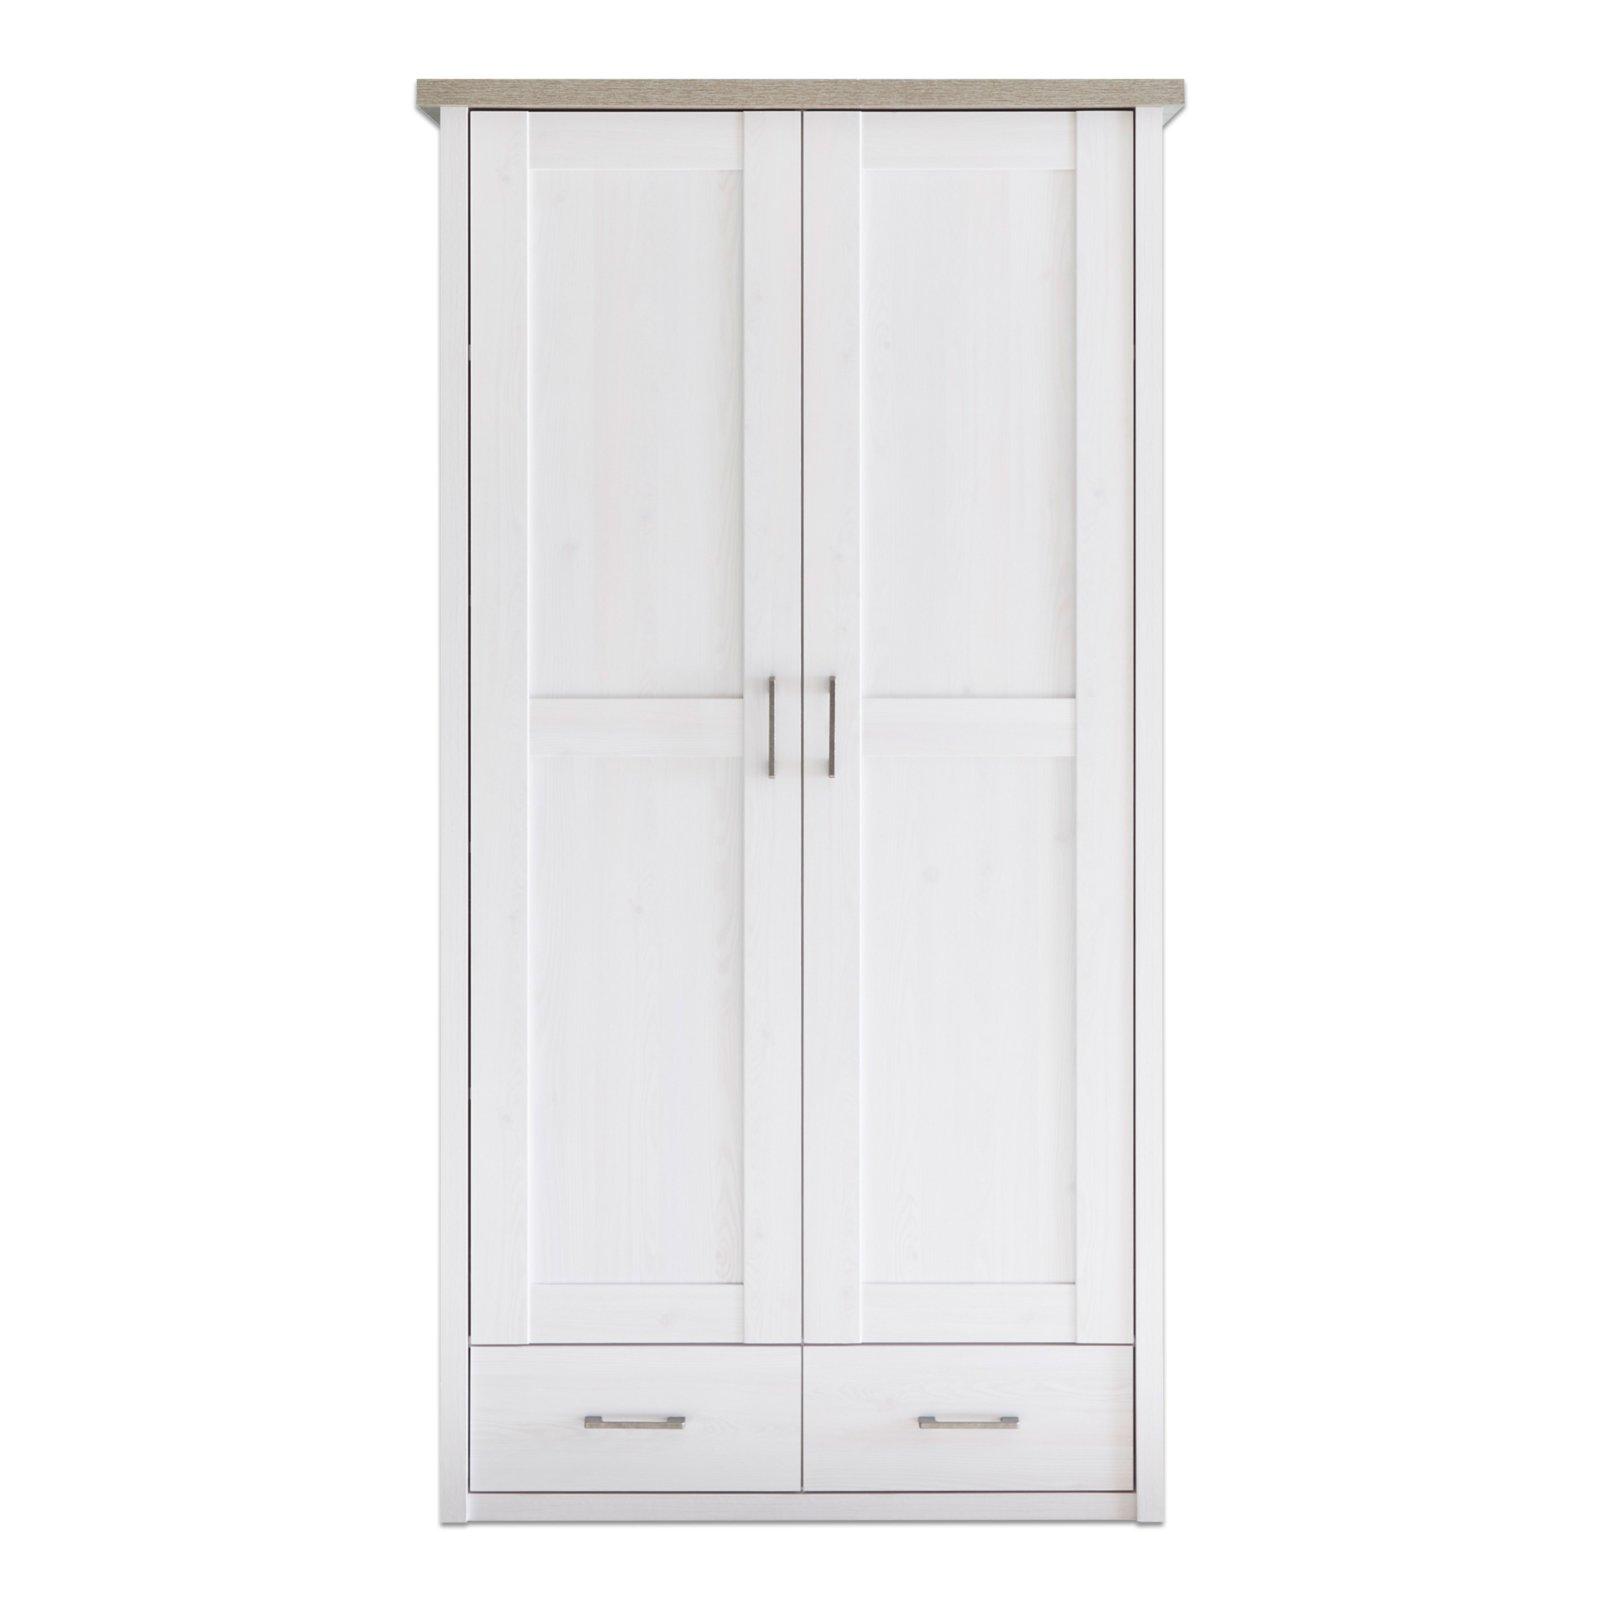 Kleiderschrank LUCA   Pinie Weiß   Trüffel   106 Cm